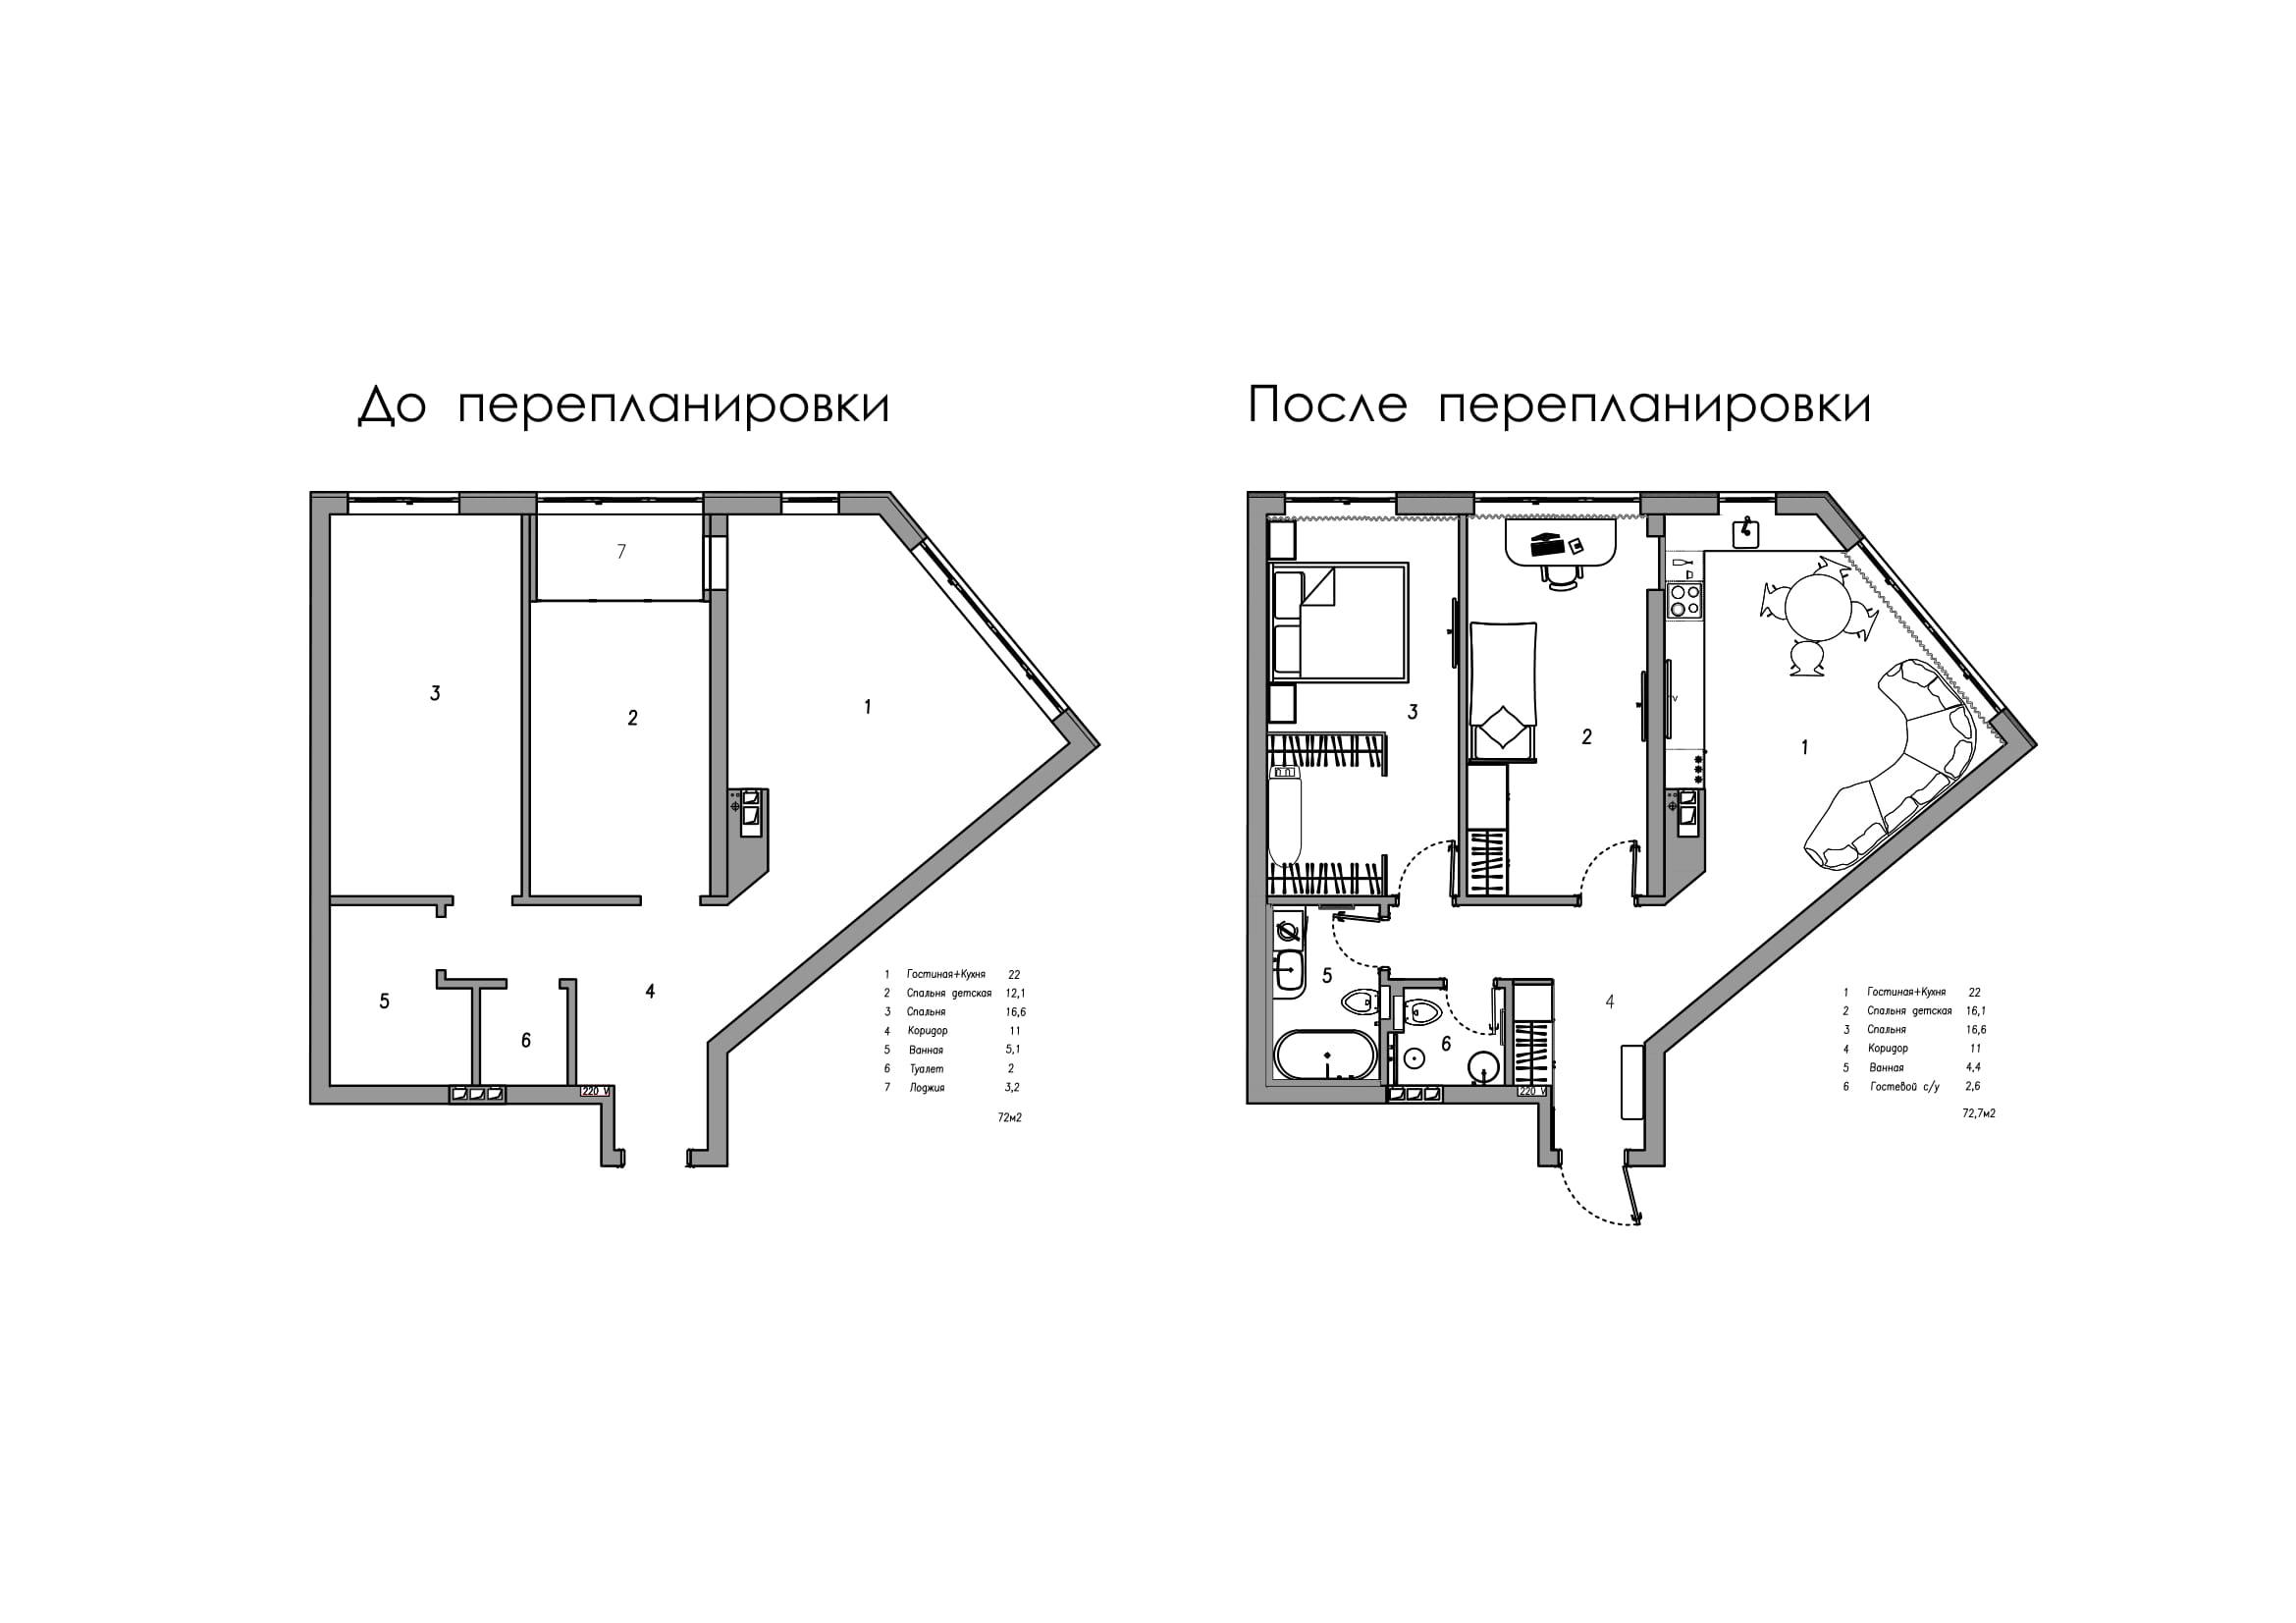 Дизайн проект. Ирина Терещенко. Вокзальная, слайд 12